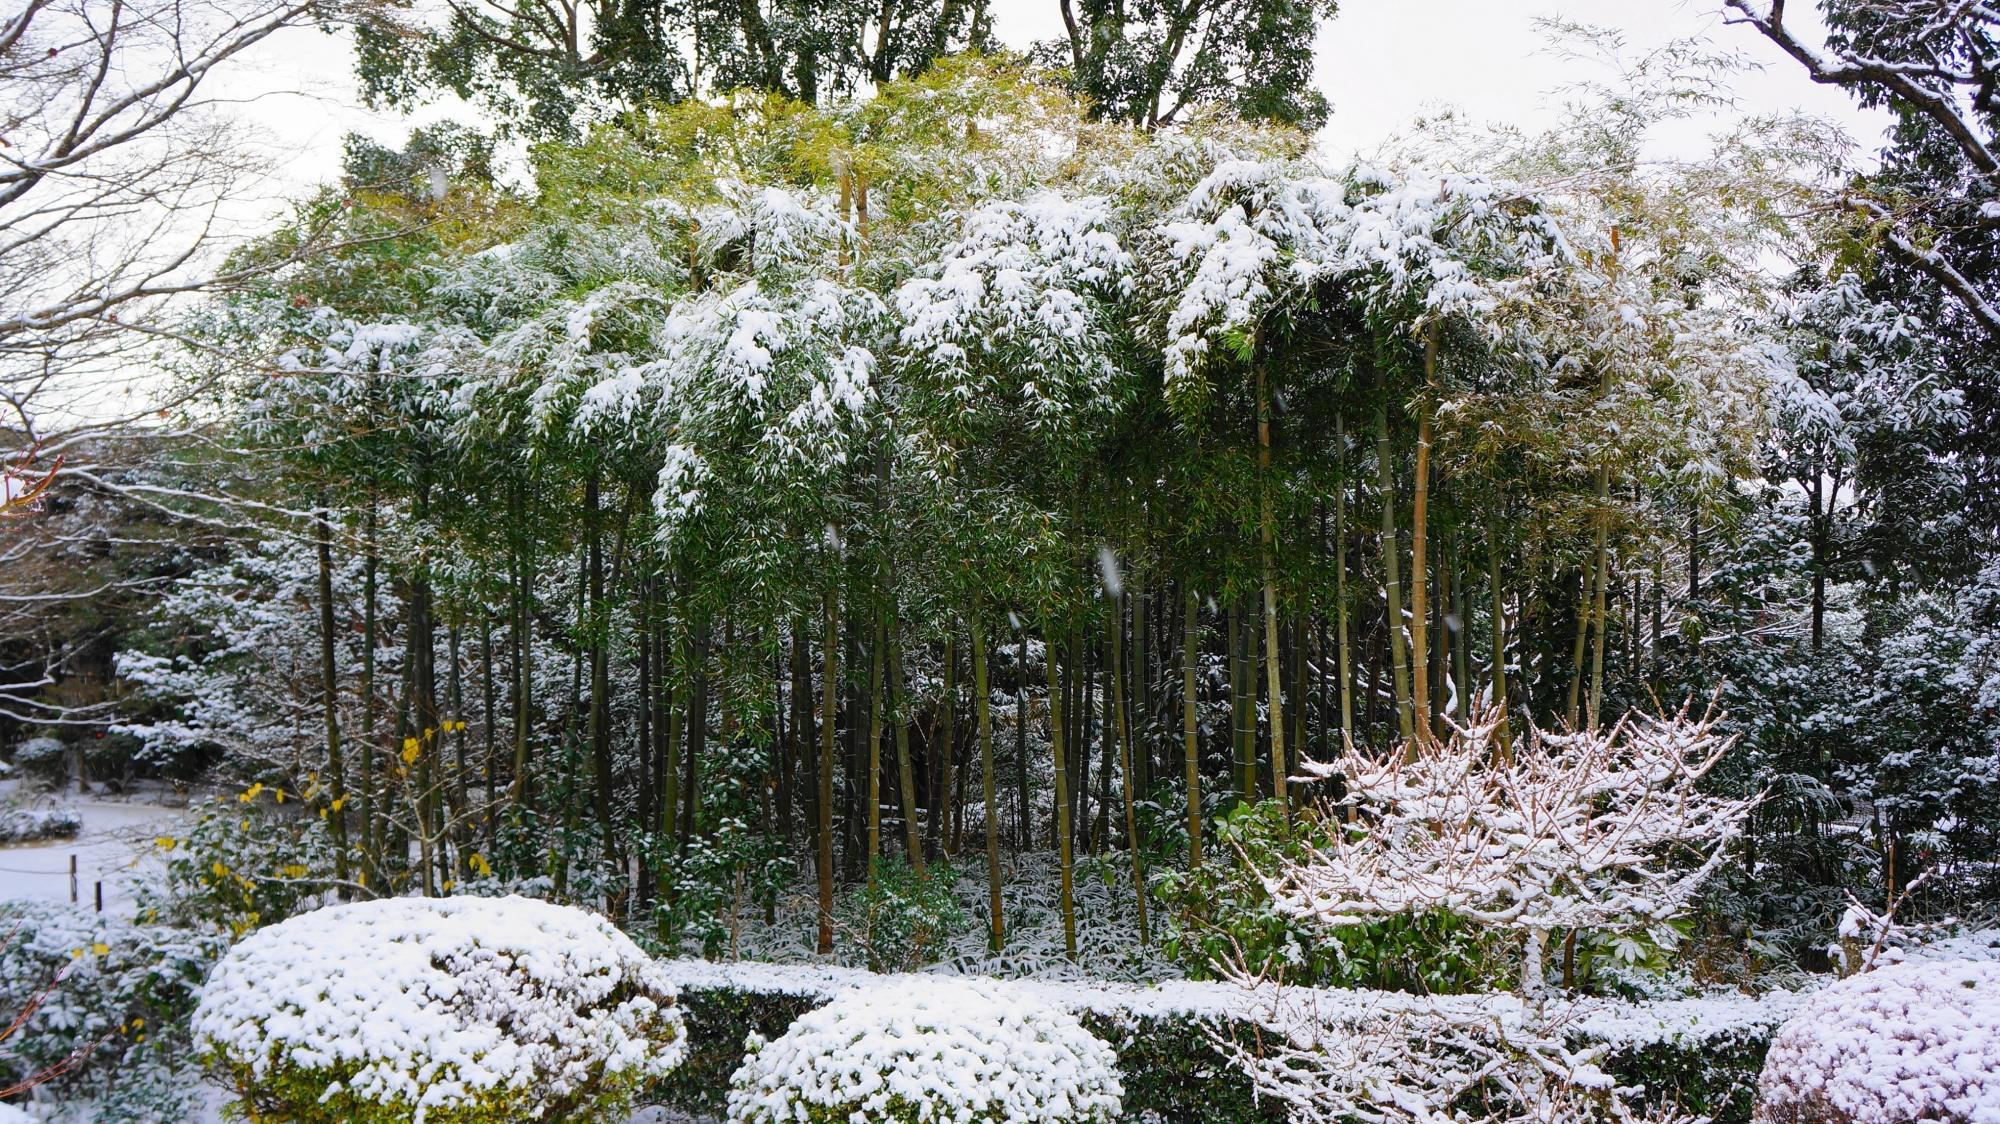 詩仙堂の幻想的な雪化粧の竹林